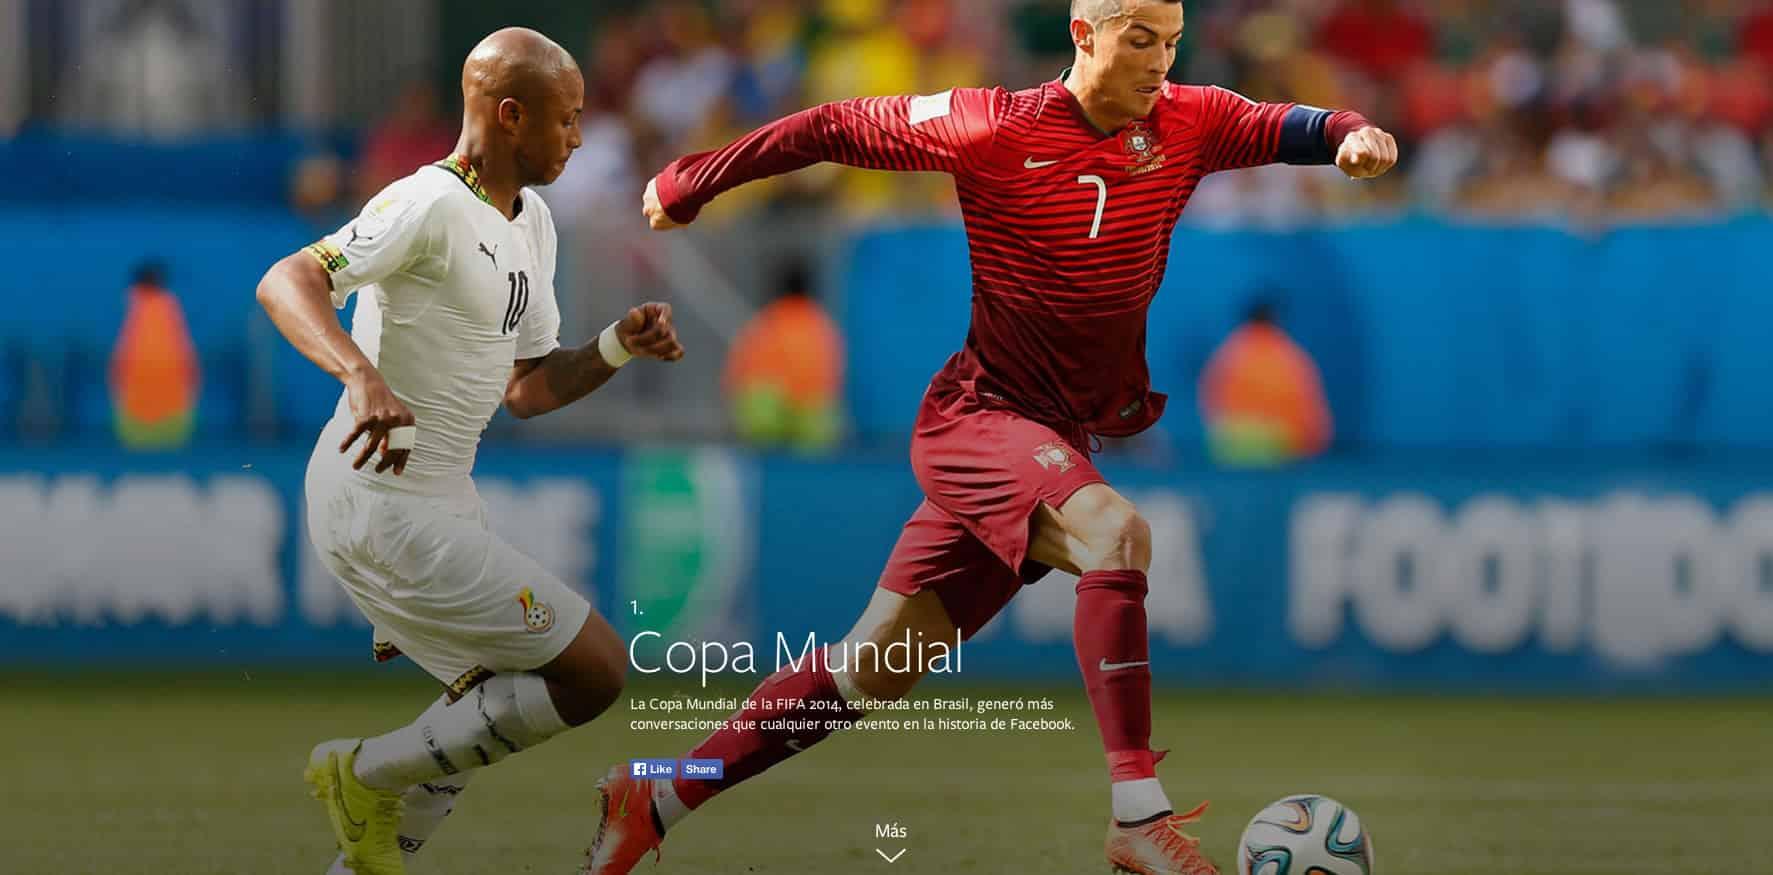 Según Year in Review, lo más comentado en Facebook fue la Copa del Mundo de fútbol.